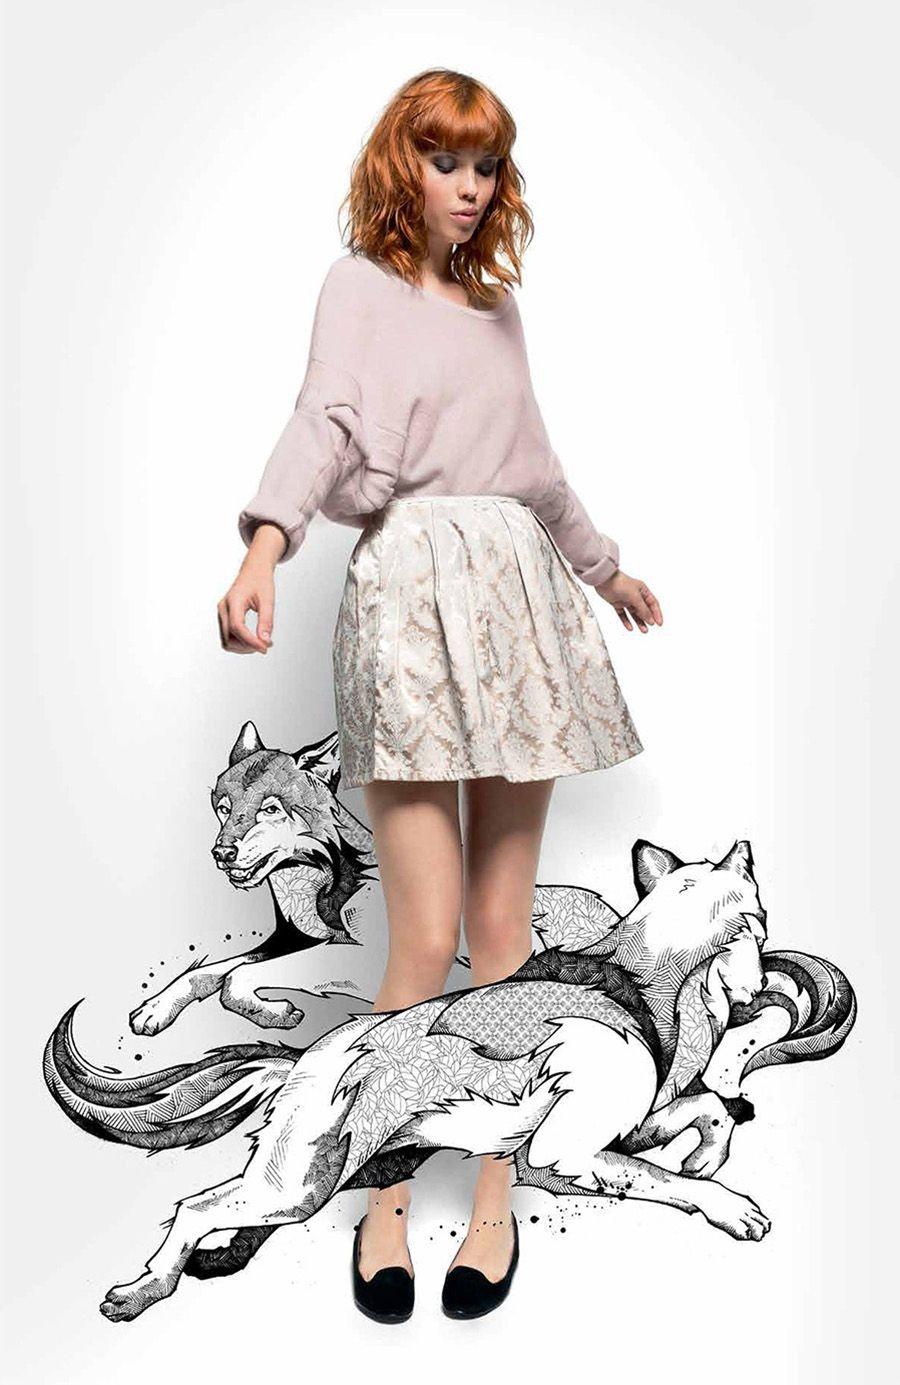 naf naf paris wolves graphic design pinterest. Black Bedroom Furniture Sets. Home Design Ideas